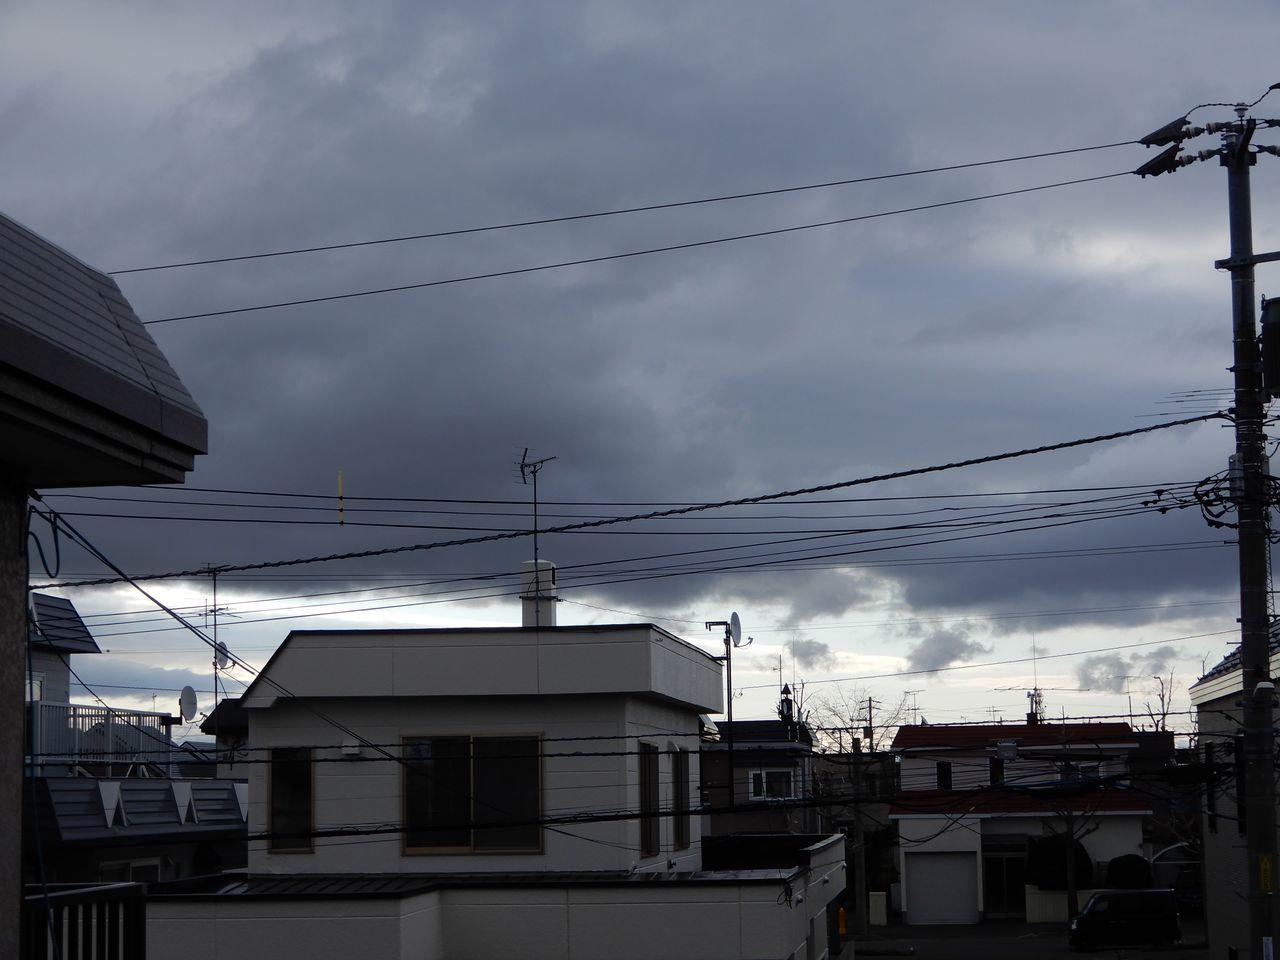 晴れても冷たい風強く_c0025115_21520277.jpg